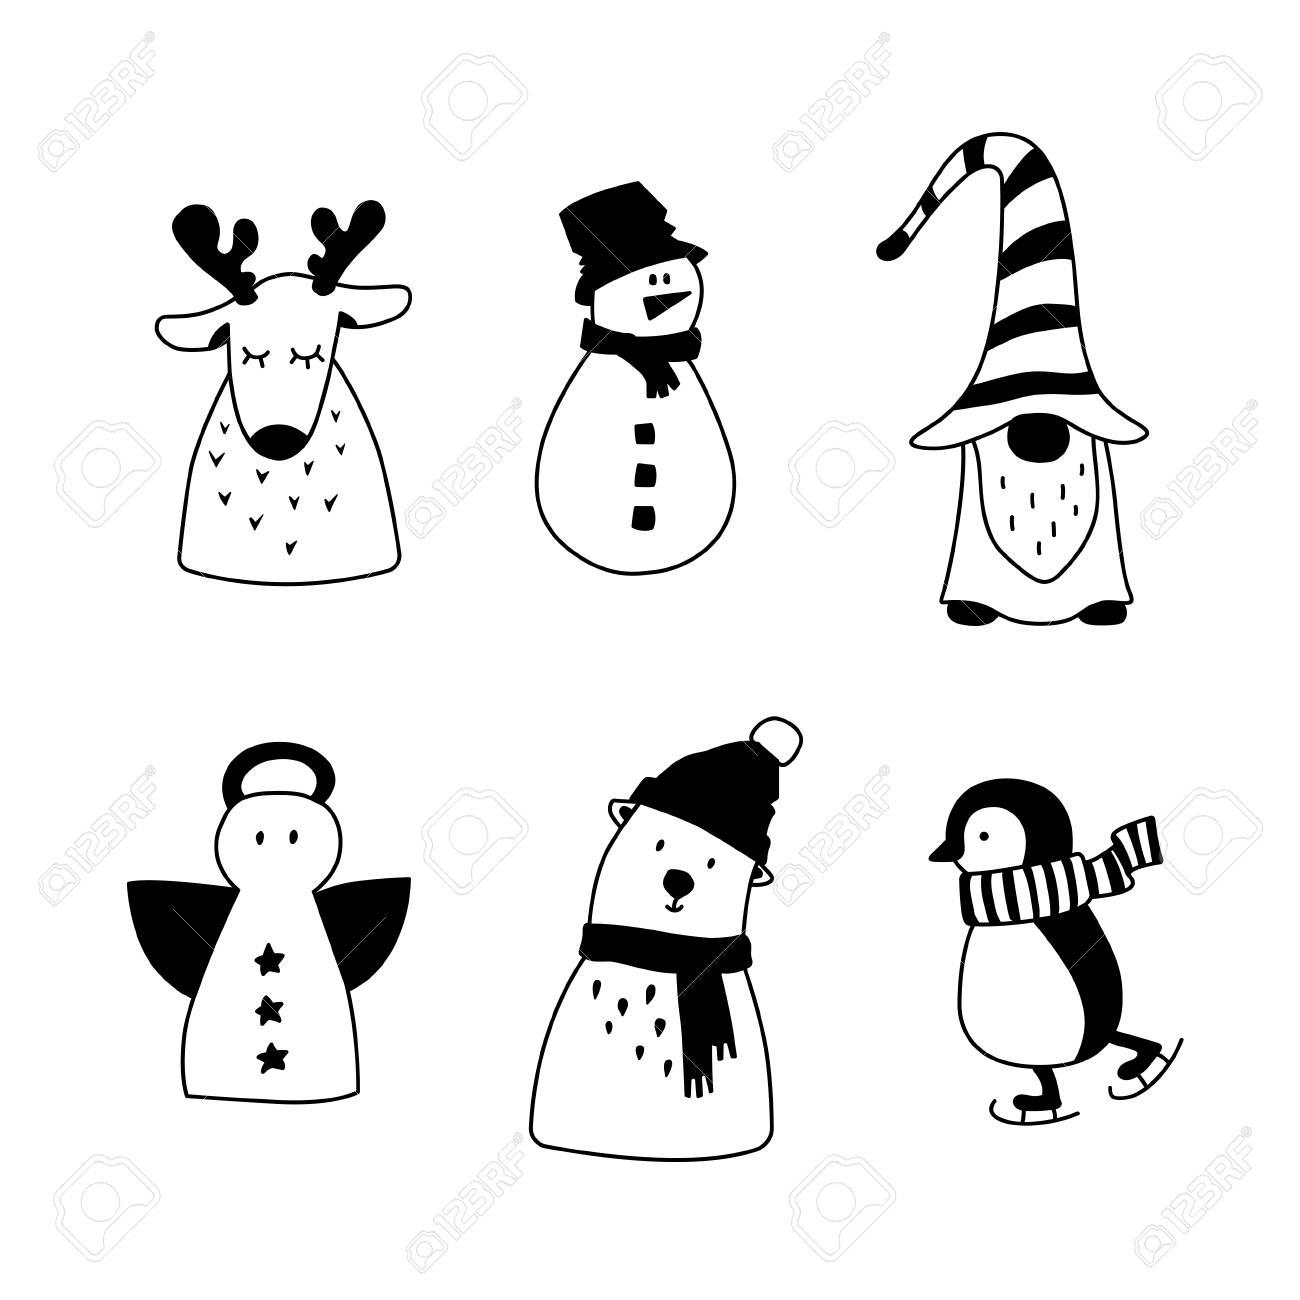 Set de décoration de Noël. Silhouette hiver mignon dessin animé isolé sur  blanc. Éléments dessinés à la main. Design nordique scandinave pour carte  de